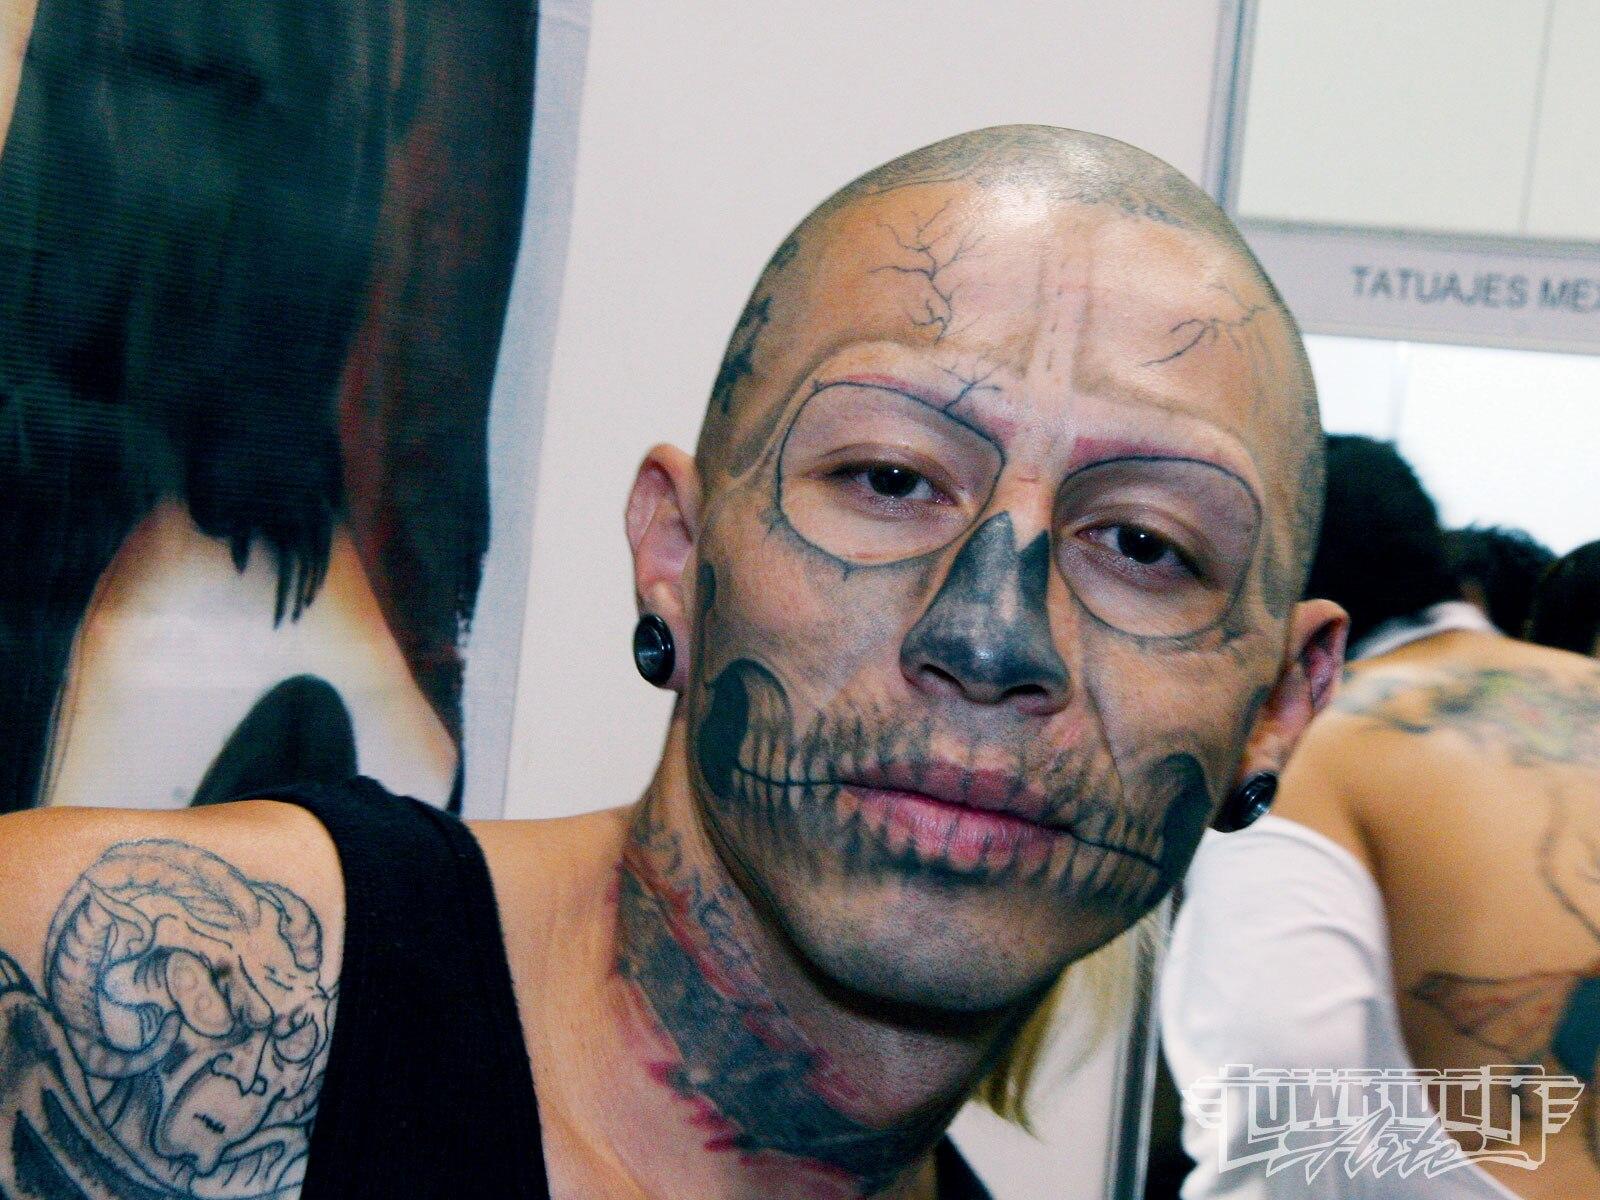 1001_lrap_01_o-mexico_city_tattoo_convention-skull_face3